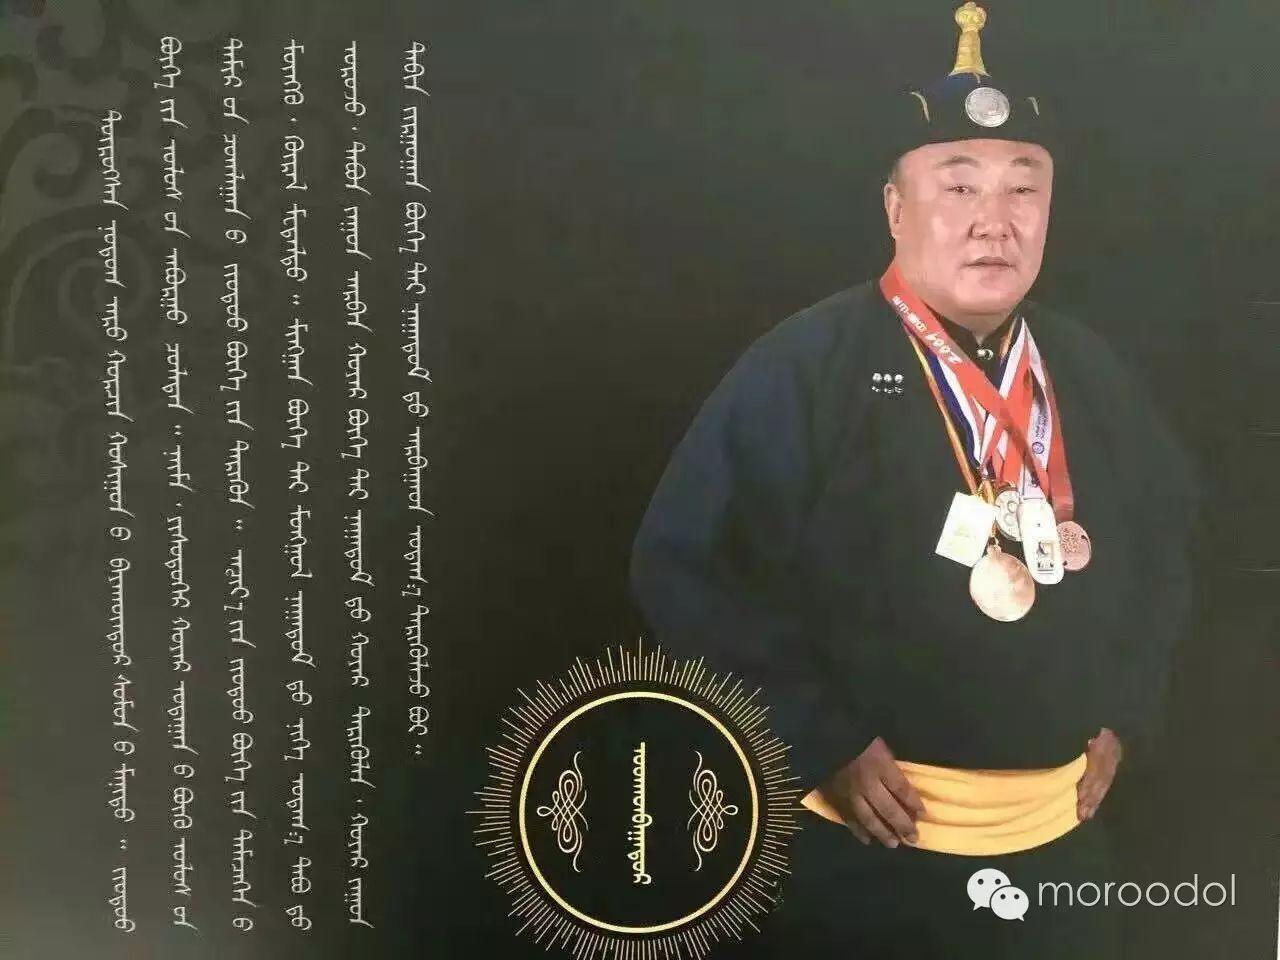 卐【蒙古博克】赤峰著名摔跤手及他们的战绩(图片) 第2张 卐【蒙古博克】赤峰著名摔跤手及他们的战绩(图片) 蒙古文化